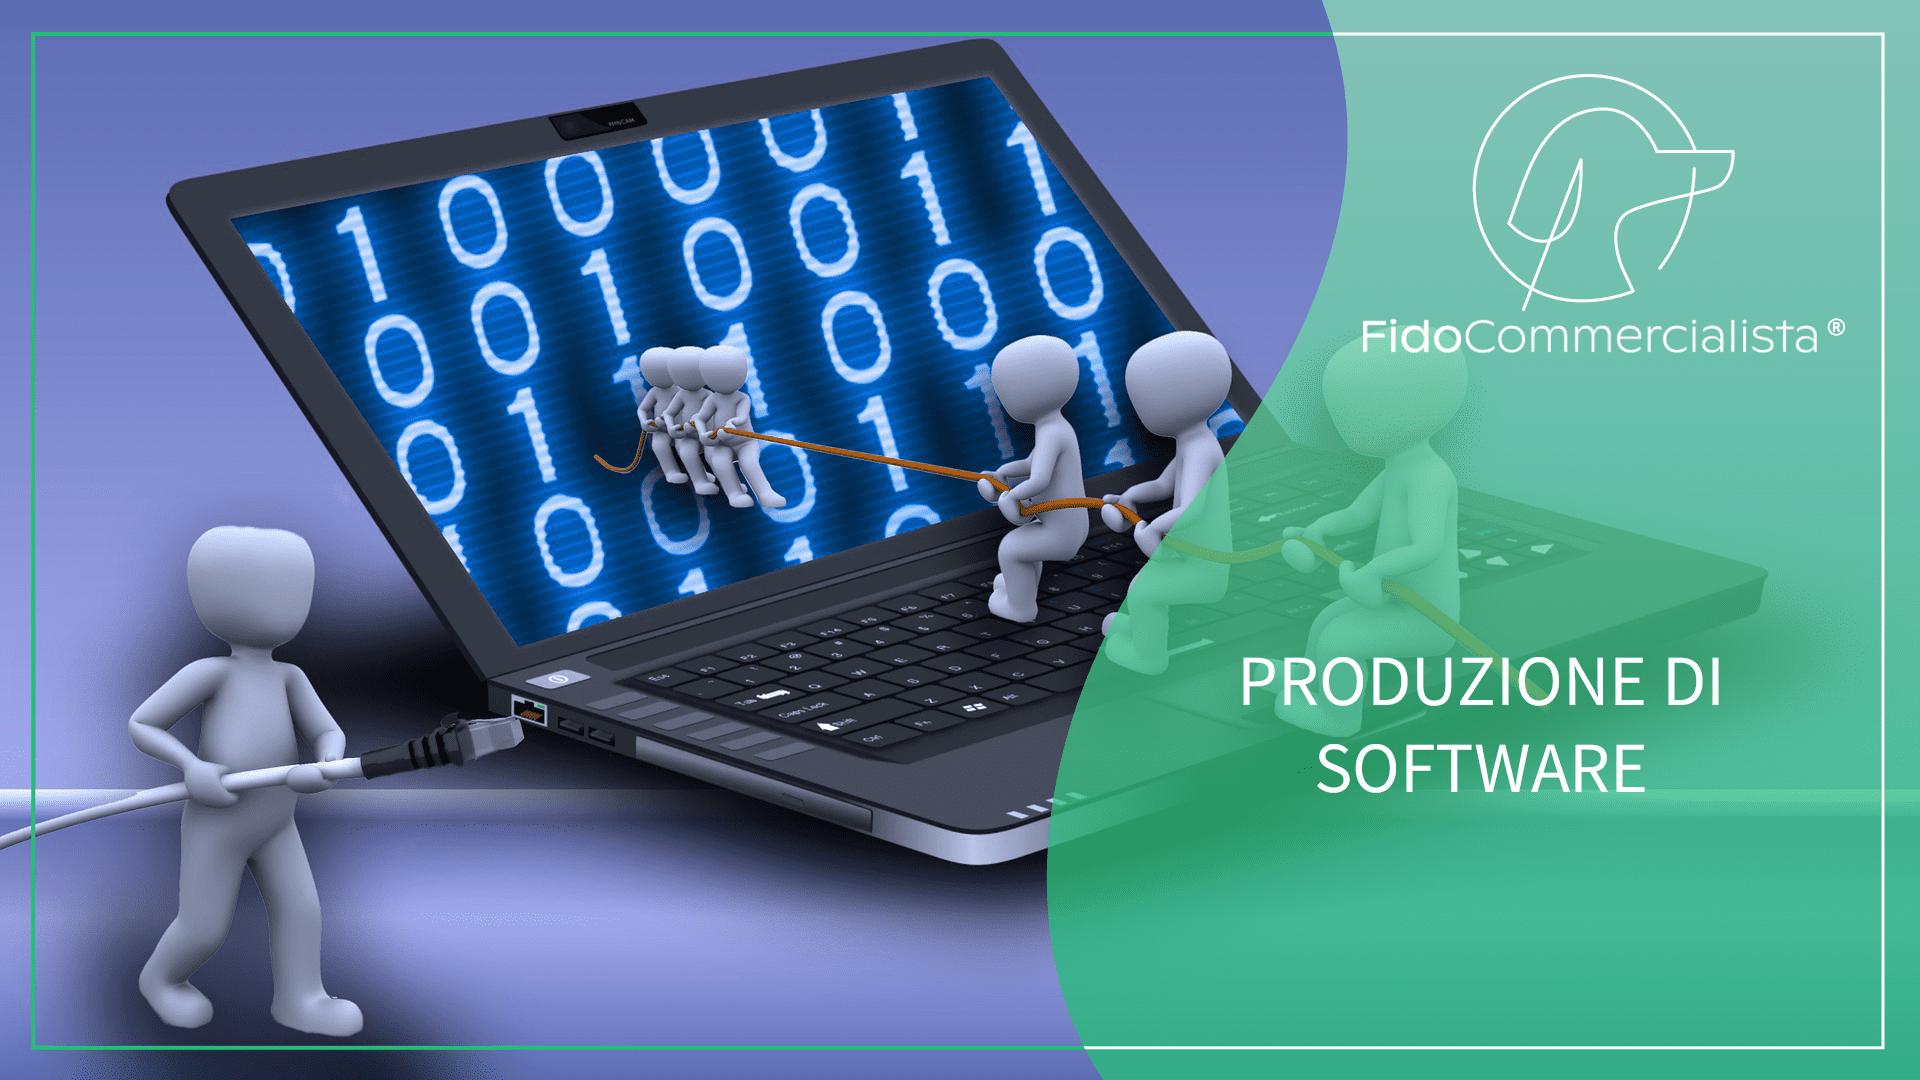 produttore di software